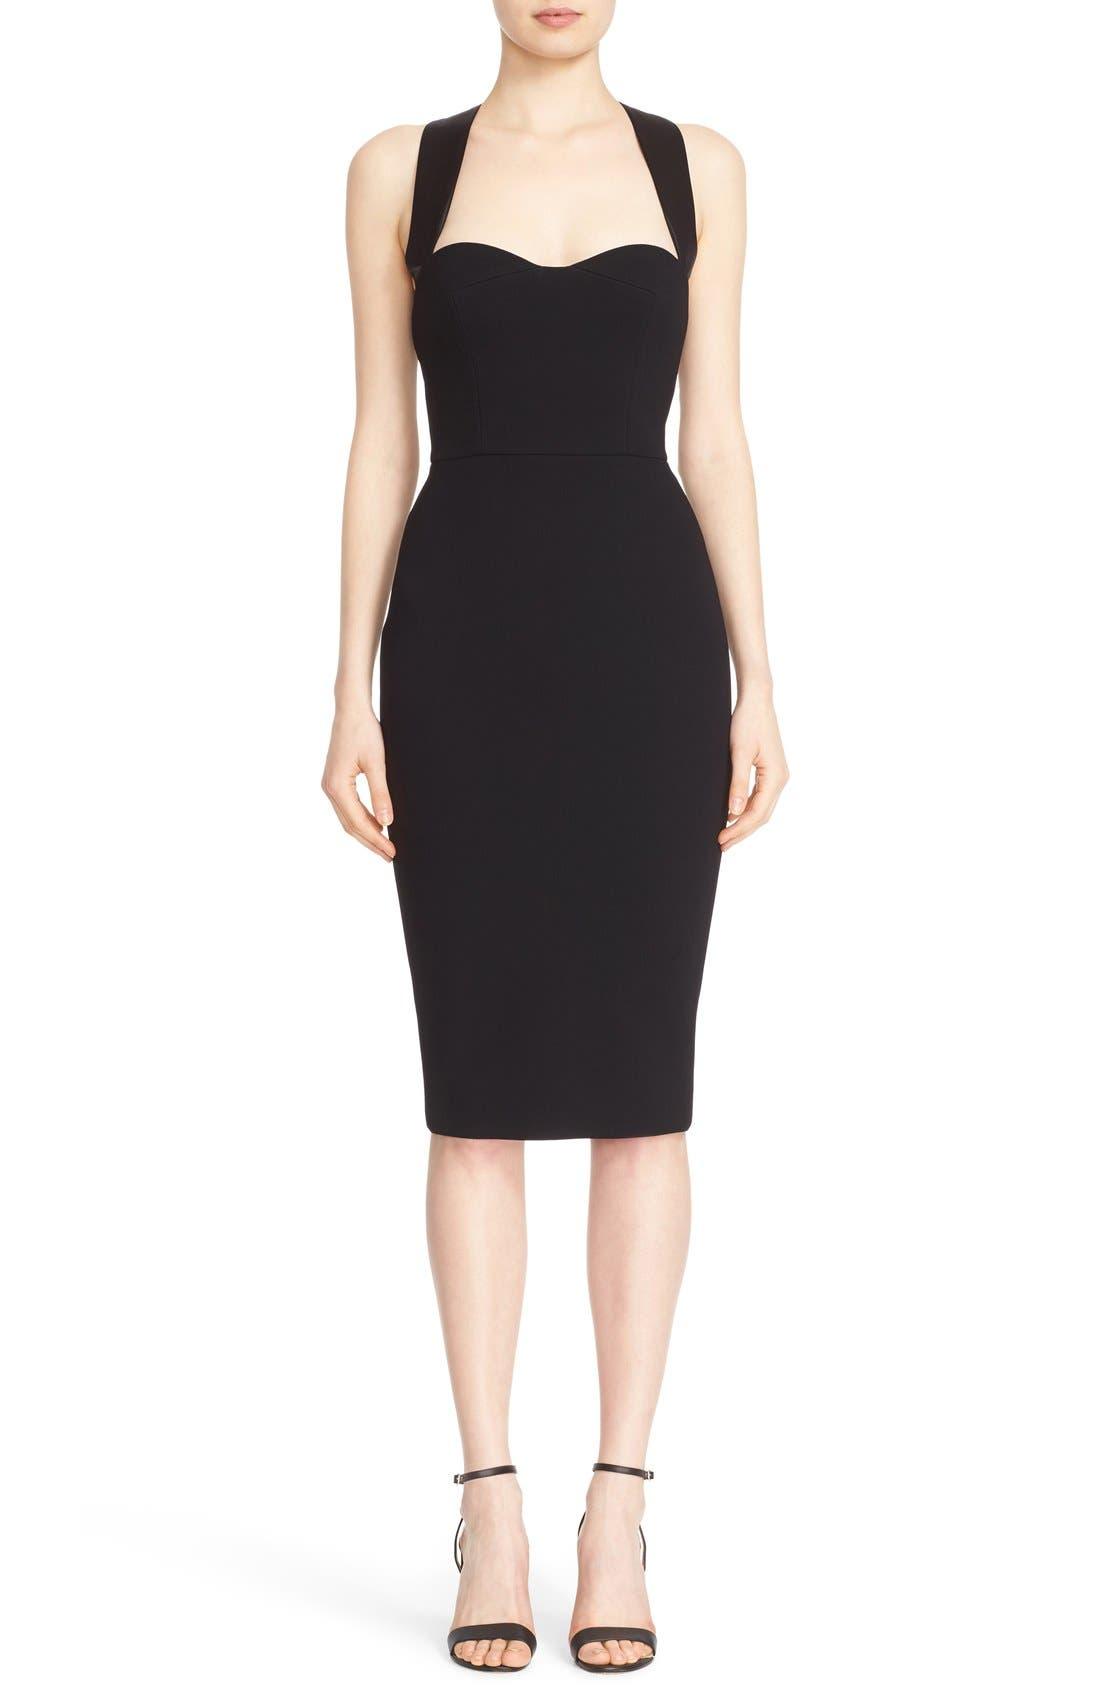 Alternate Image 1 Selected - Victoria Beckham Cross Back Matte Crepe Dress